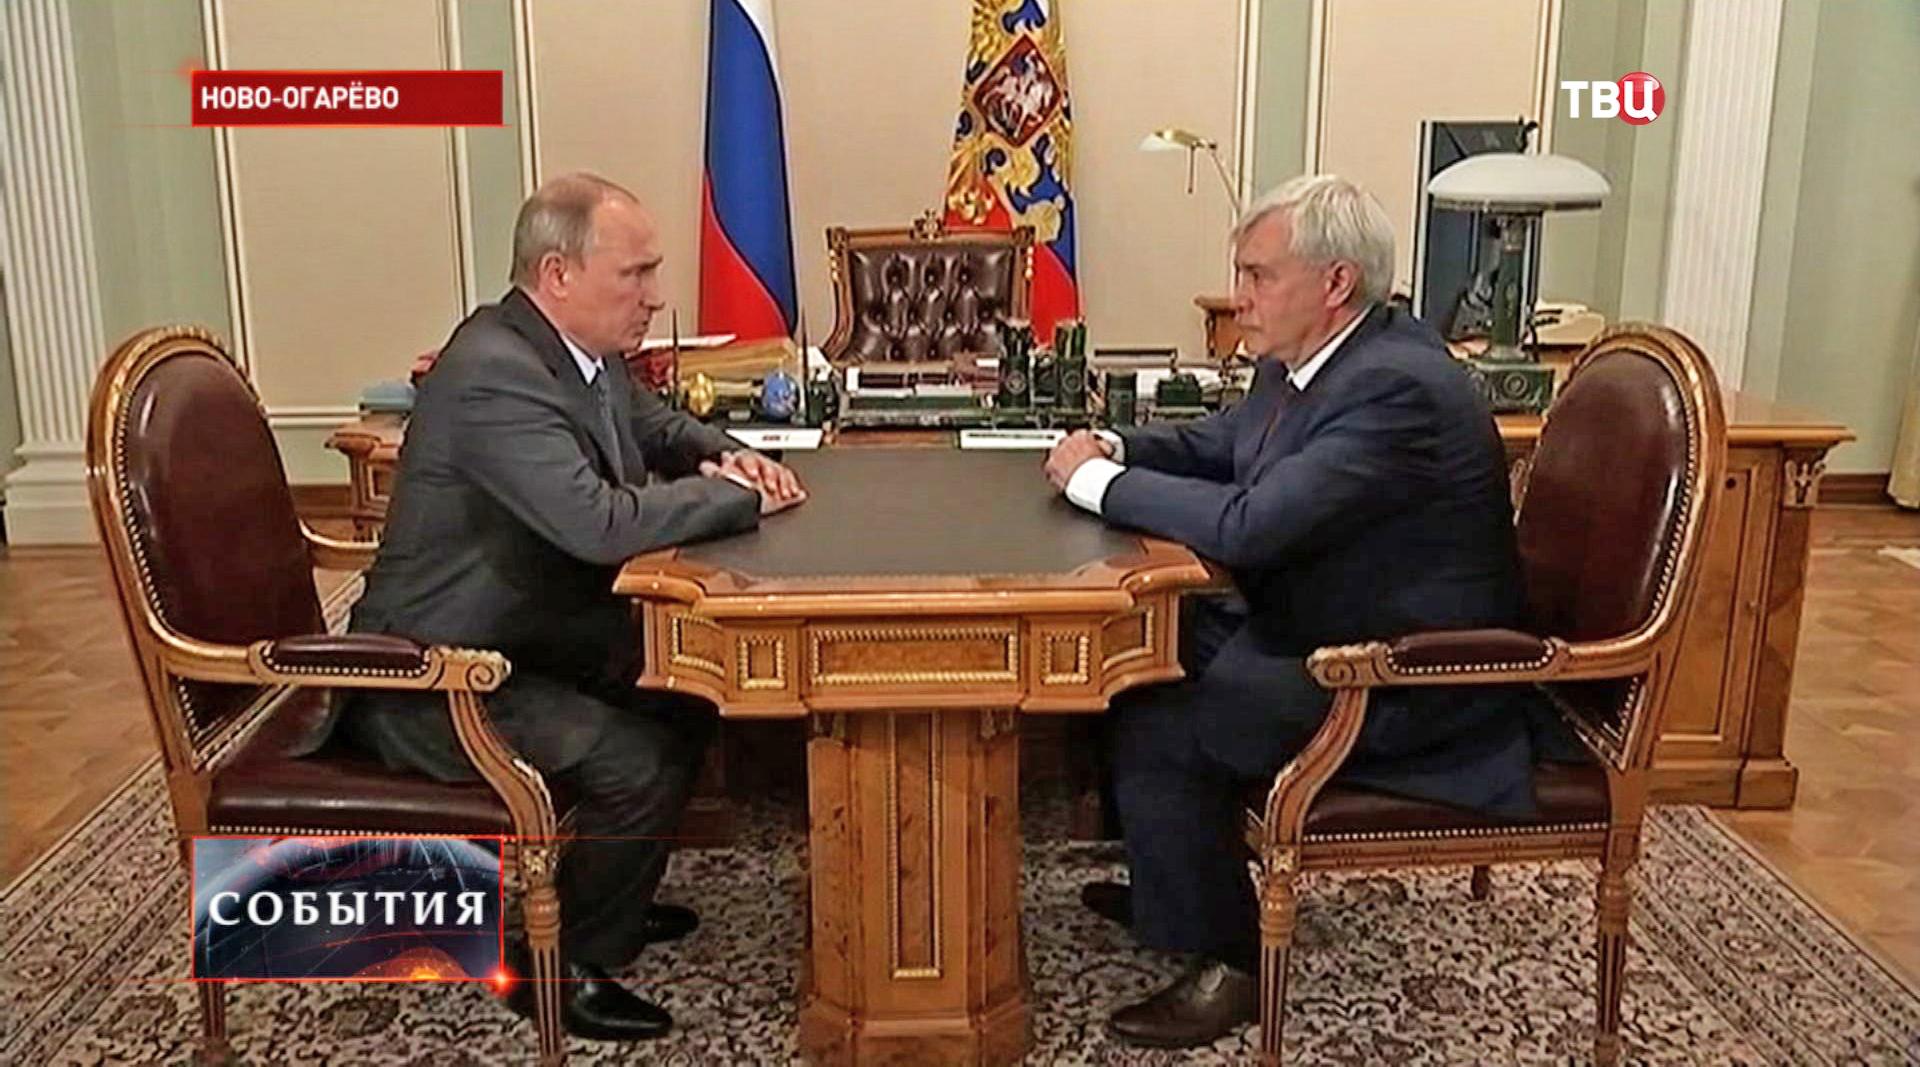 Перезидент России Владимир Путин и исполняющий обязанности губернатора Санкт-Петербурга Георгий Полтавченко во время встречи